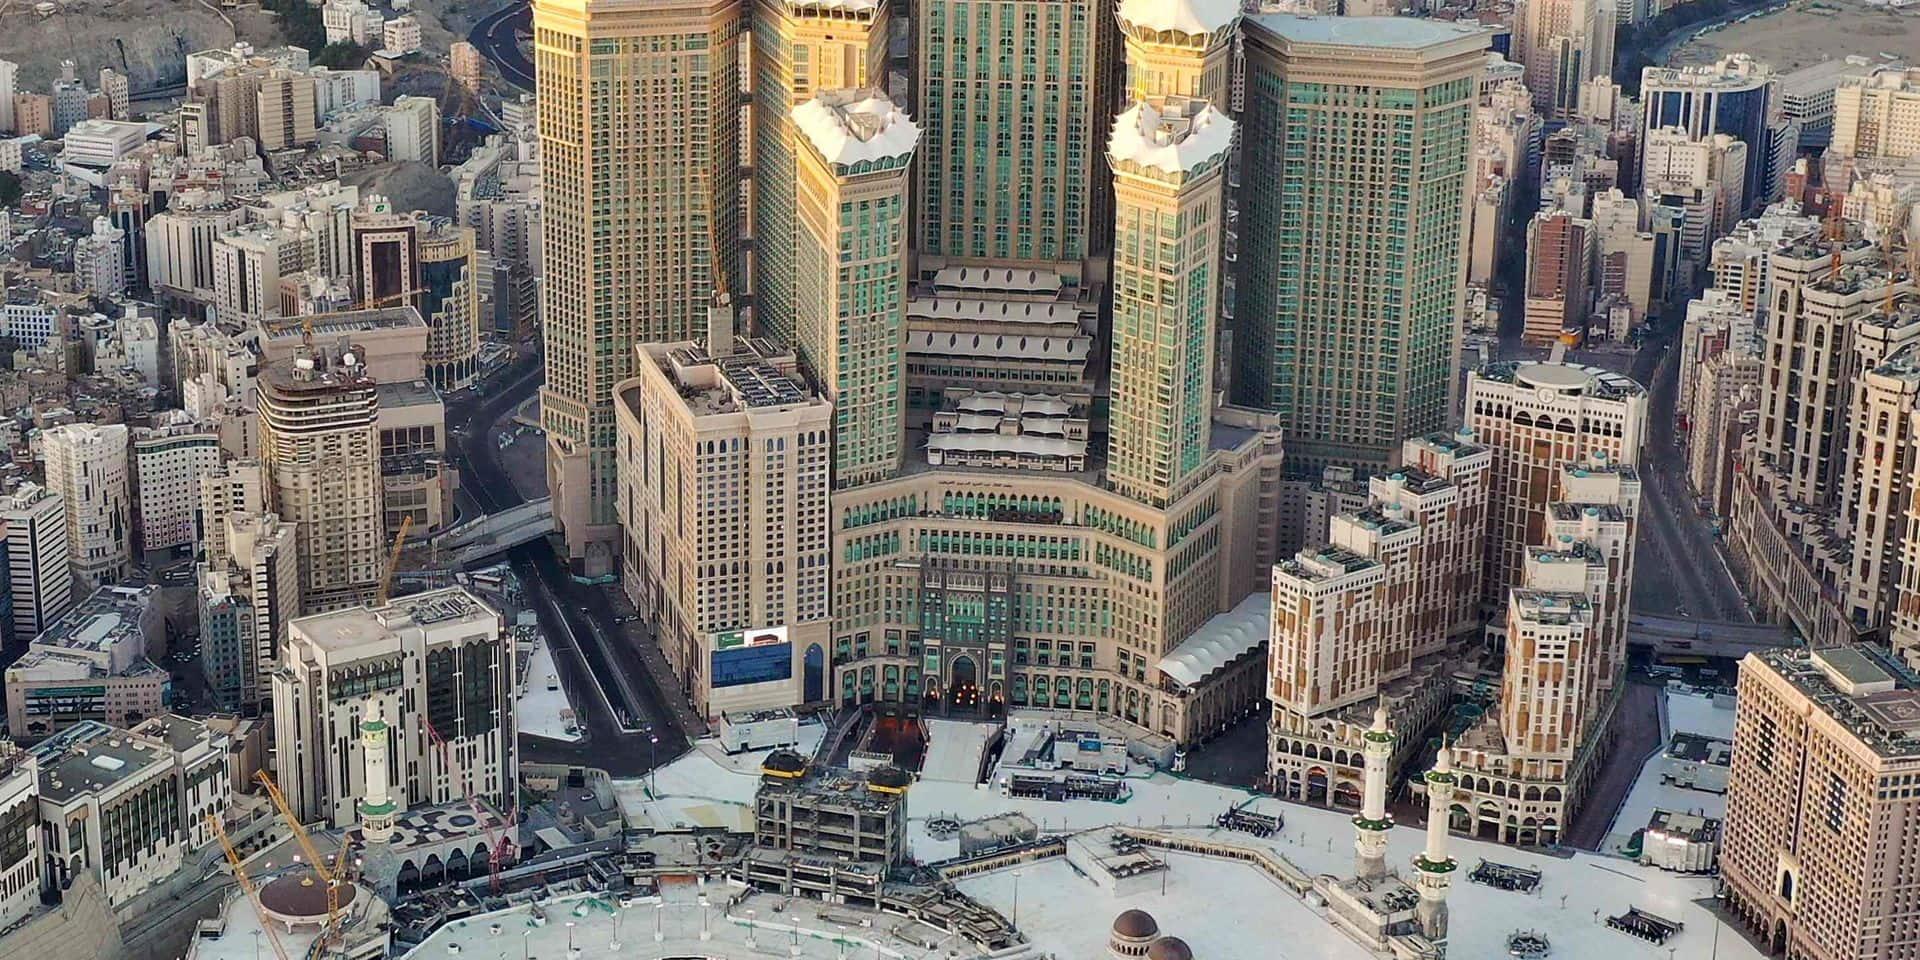 Aux Emirats arabes unis, un ramadan au temps du Covid-19, sans mosquée ni retrouvailles familiales